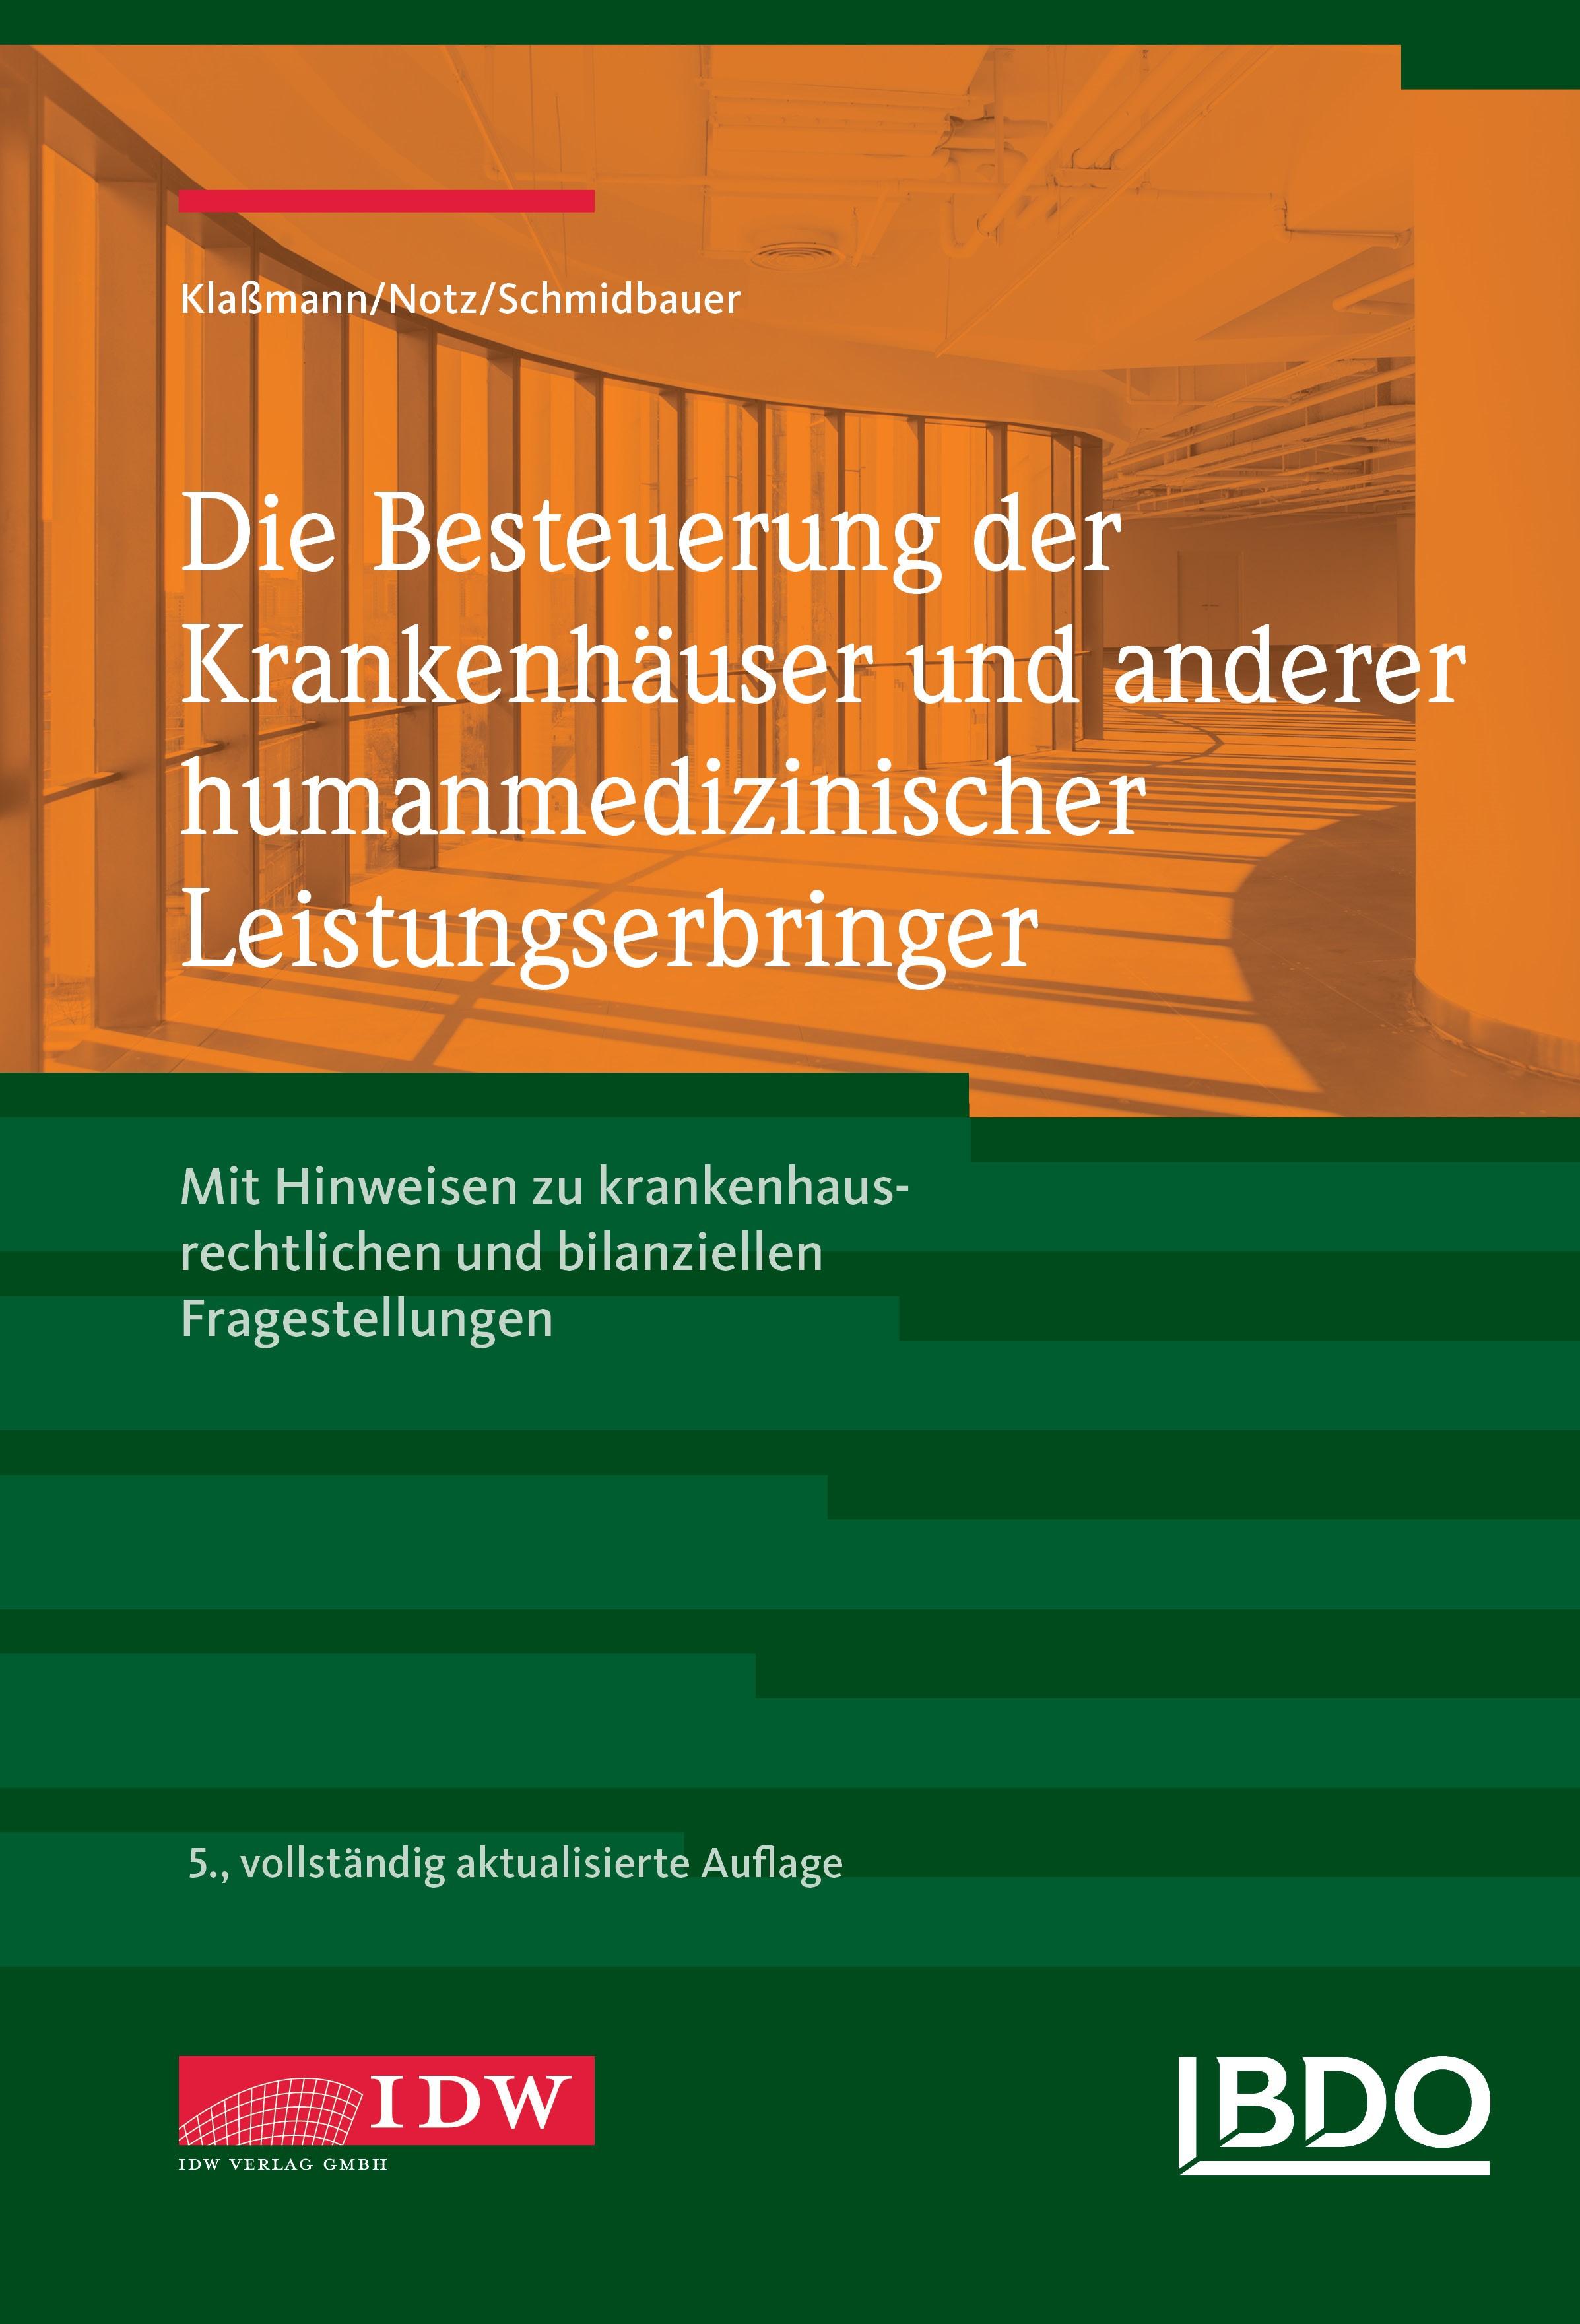 Die Besteuerung der Krankenhäuser und anderer humanmedizinischer Leistungserbringer | Klaßmann / BDO / Notz | 5., vollständig aktualisierte Auflage Aufl., 2017 | Buch (Cover)